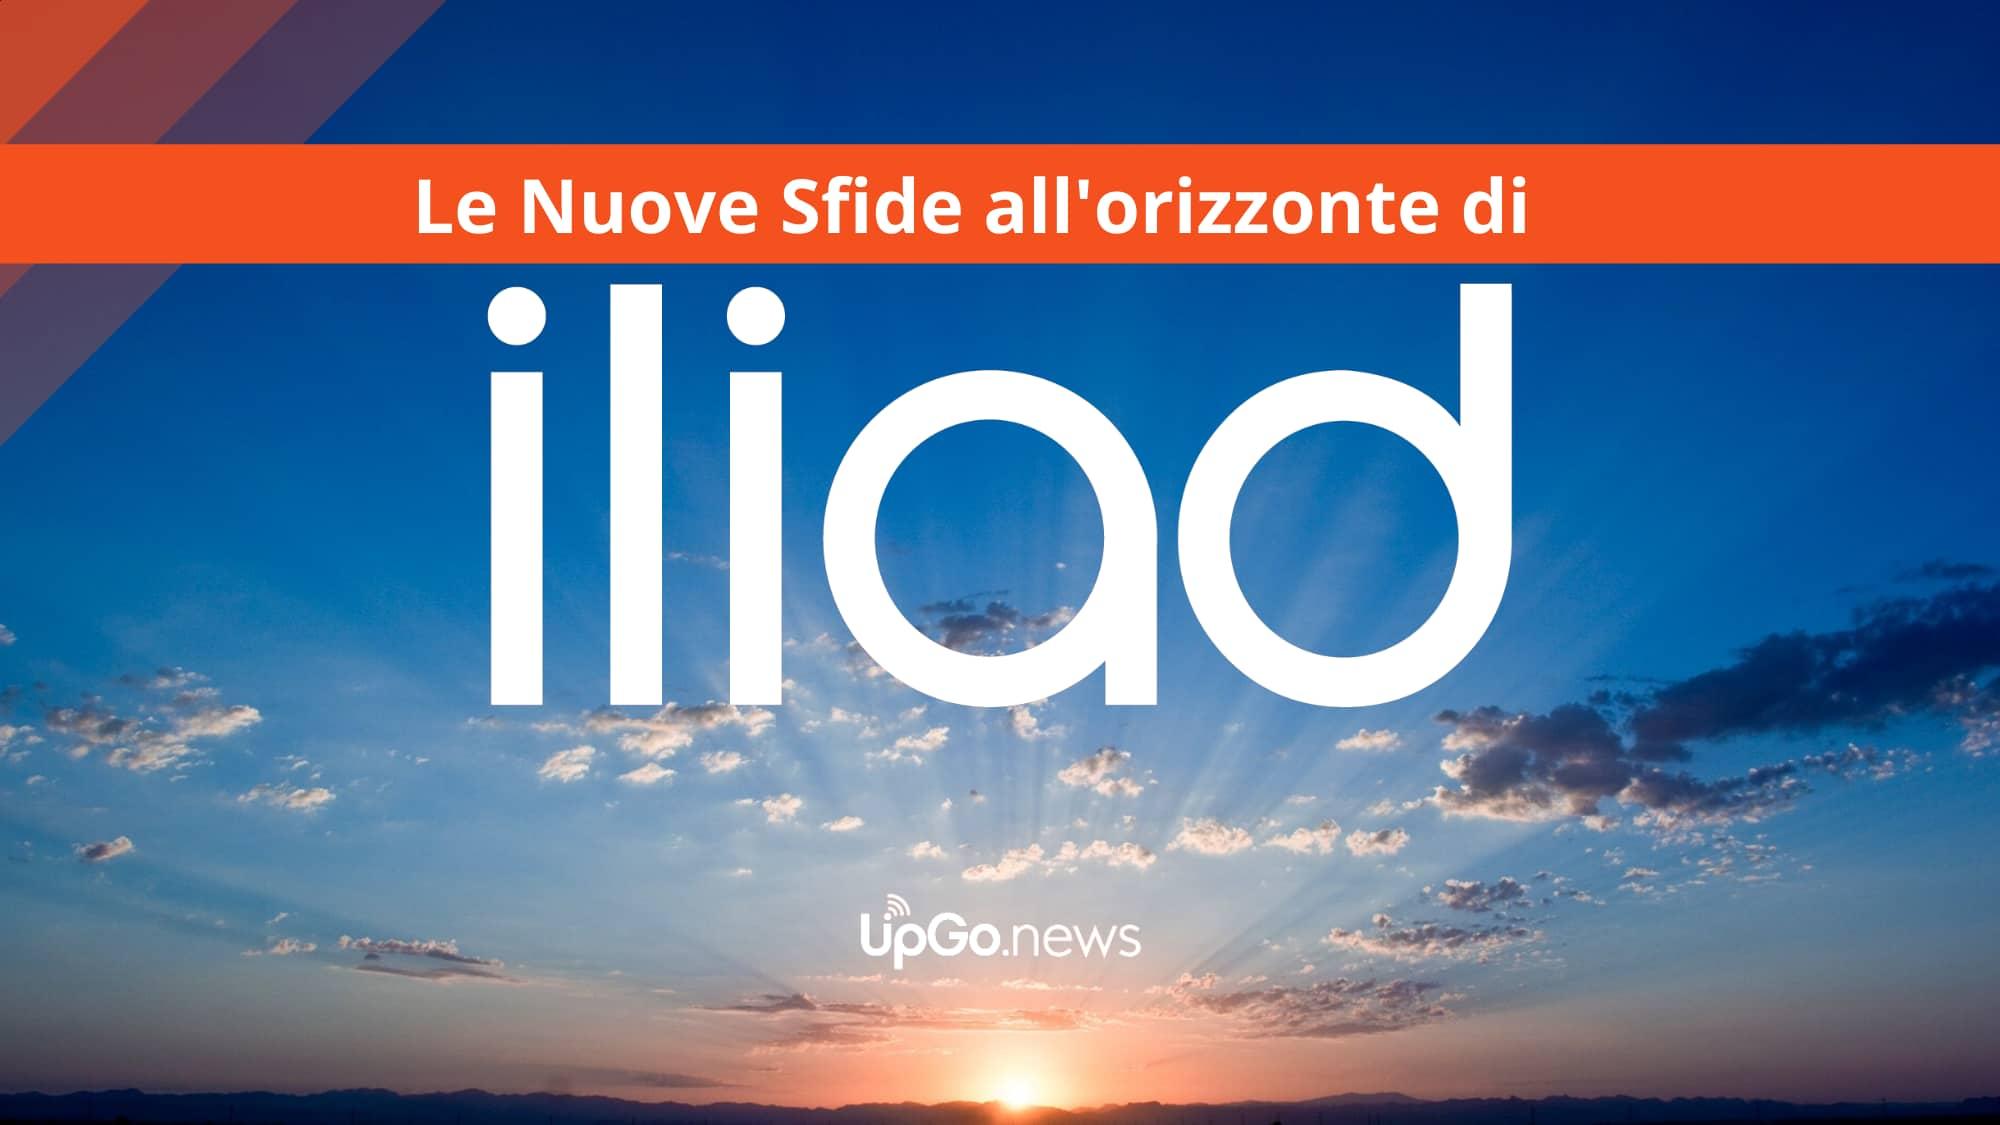 Le nuove sfide all'orizzonte di Iliad